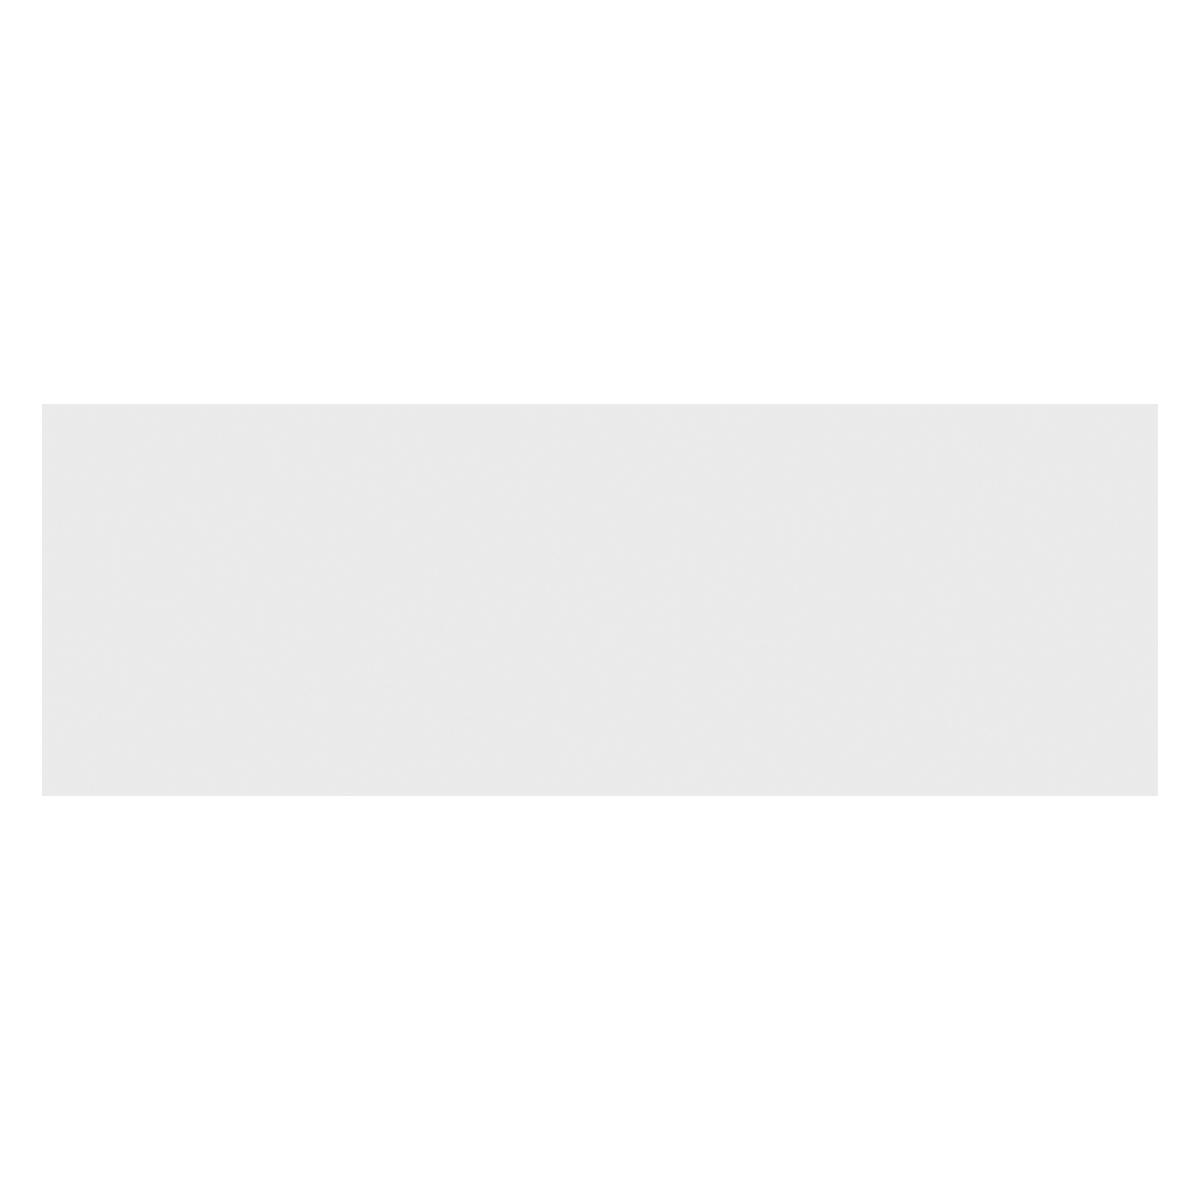 Mayólica Marmi Blanco Brillante - 31.6X90 cm - 1.14 m2